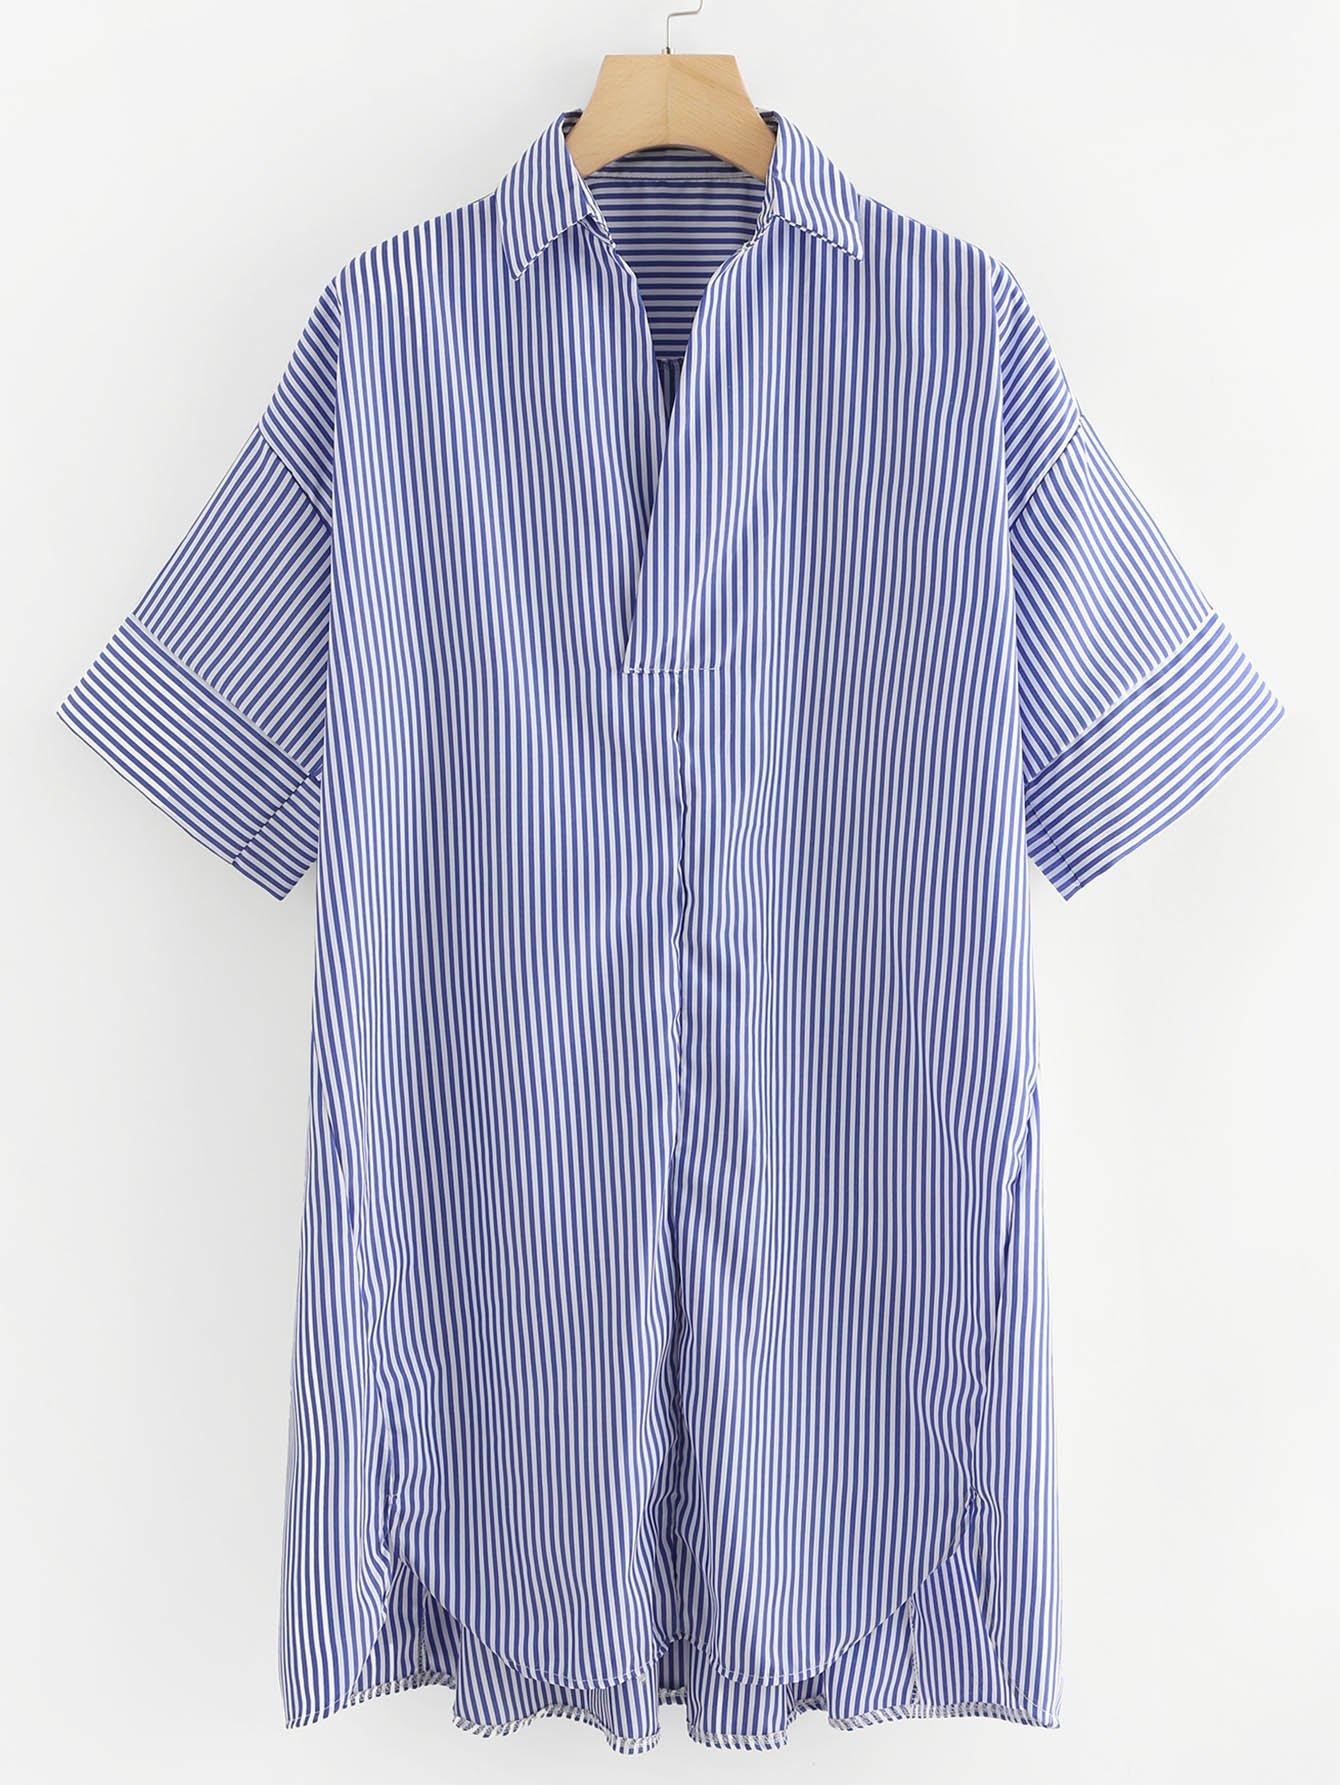 Bluse mit sehr tief angesetzter Schulterpartie,abfallendem Saum und Streifen